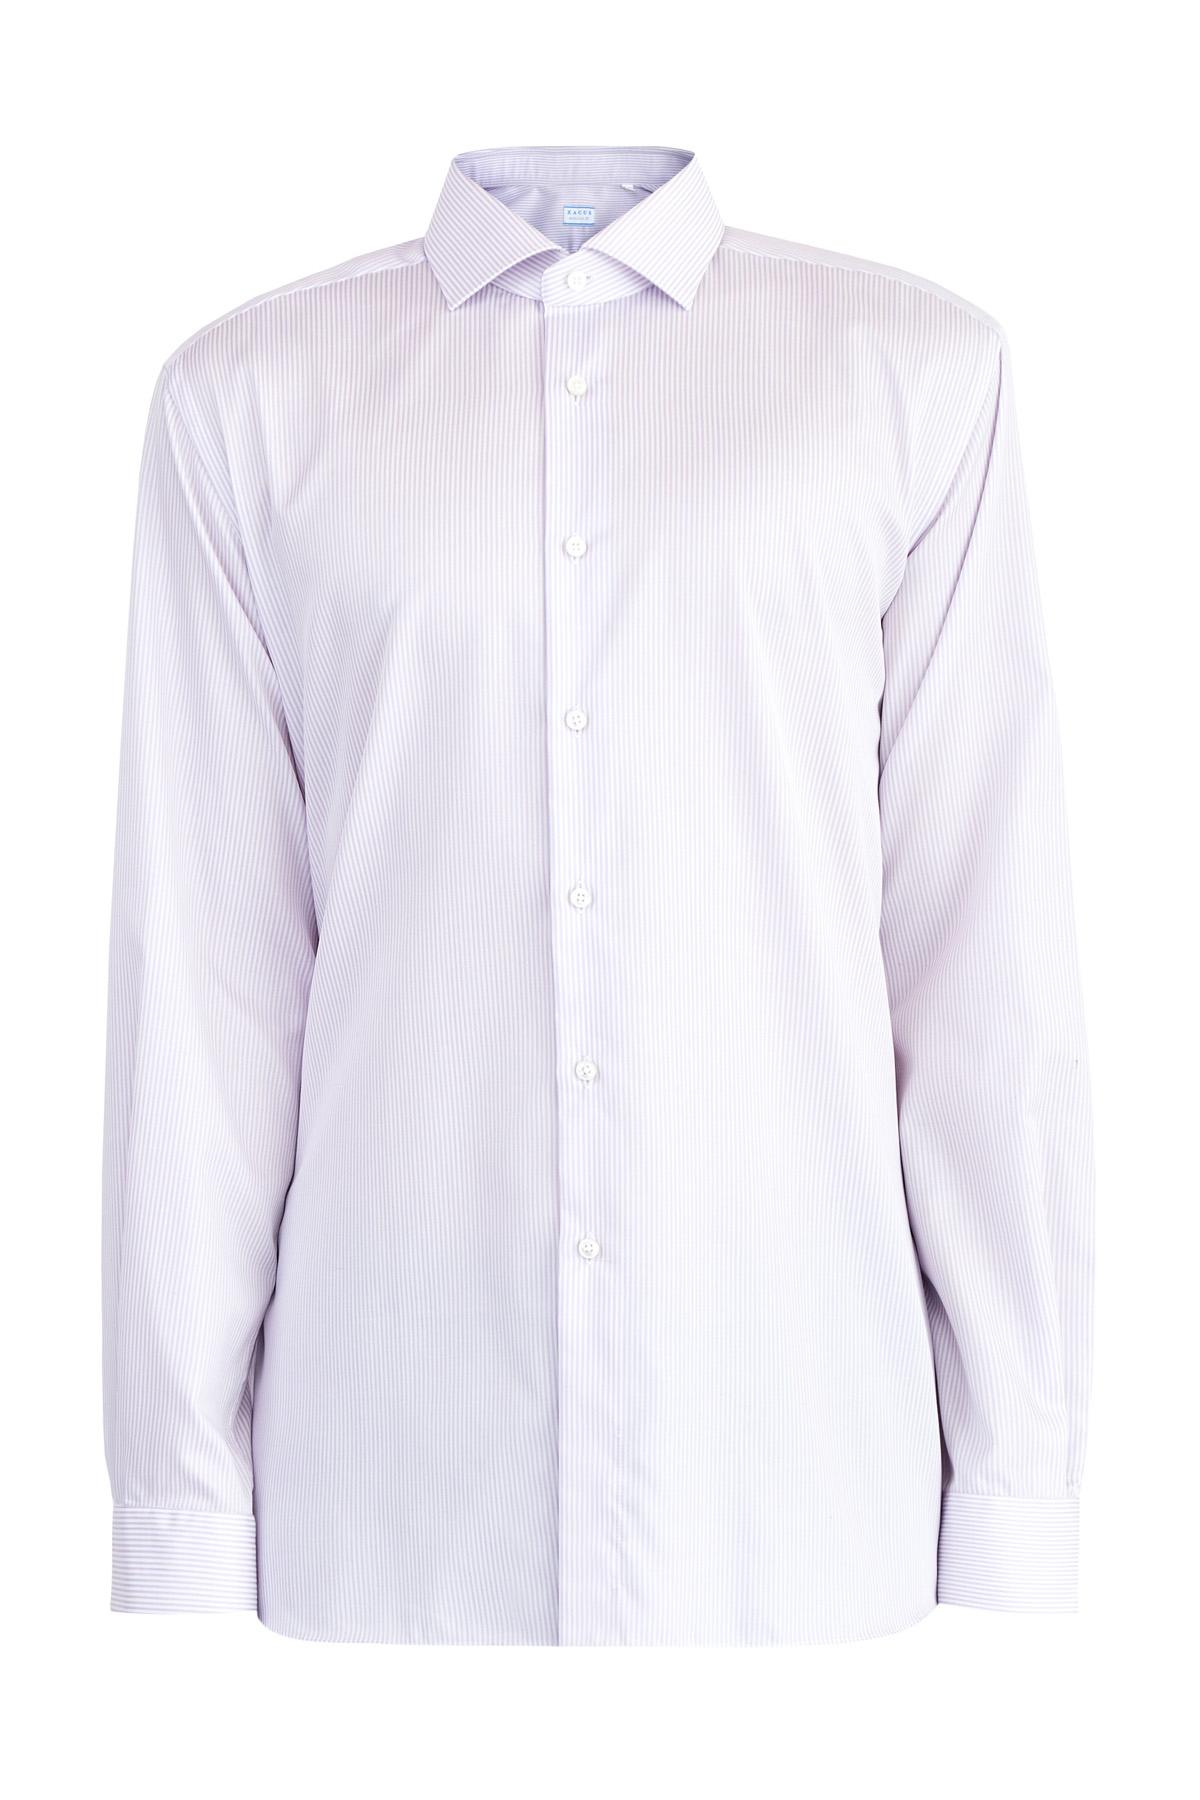 Рубашка кроя Evolution из хлопка Wrinkle Free с принтом в полоску